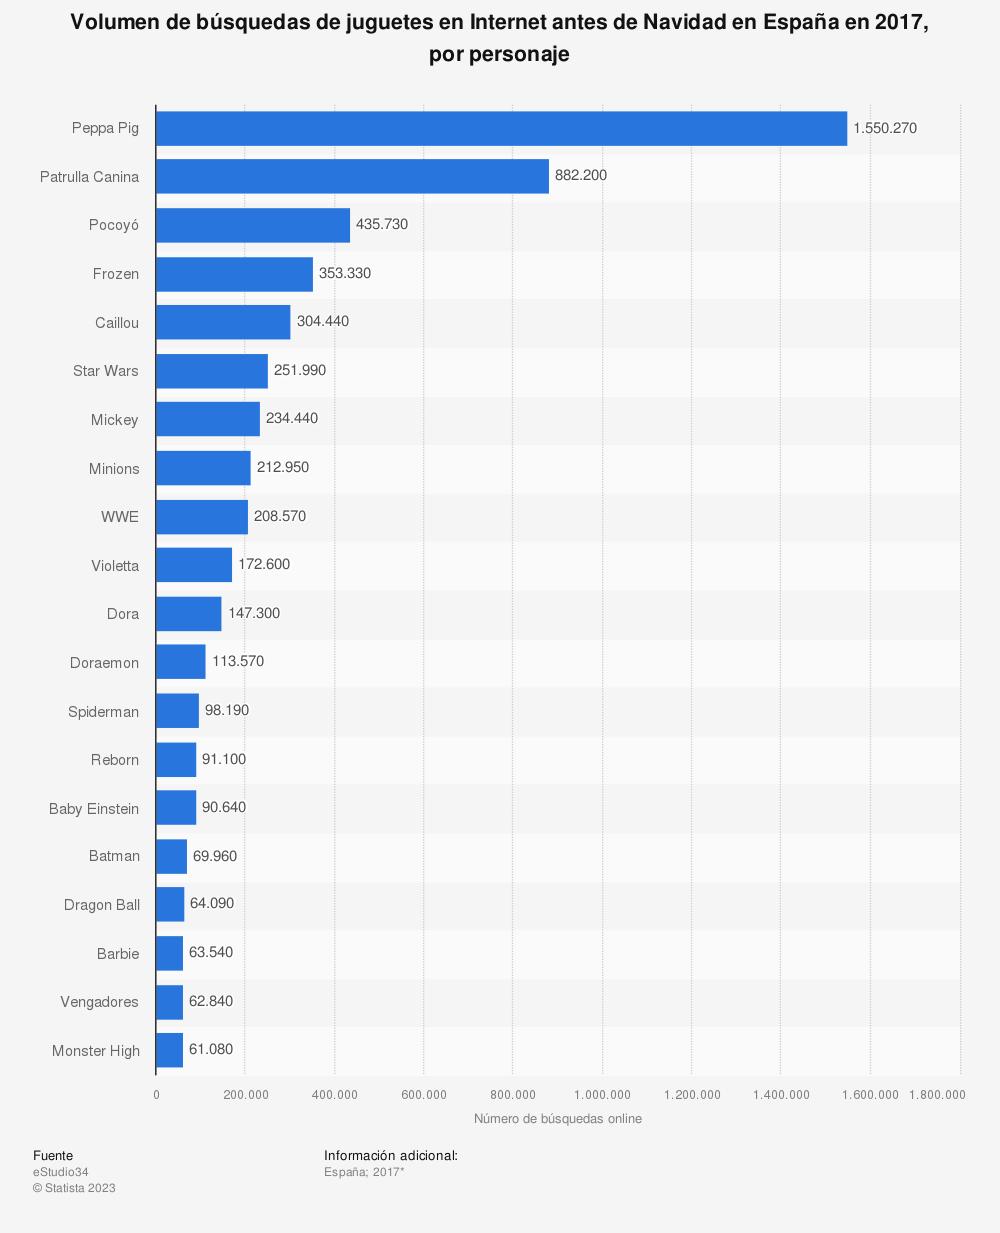 Estadística: Volumen de búsquedas de juguetes en Internet antes de Navidad en España en 2017, por personaje | Statista